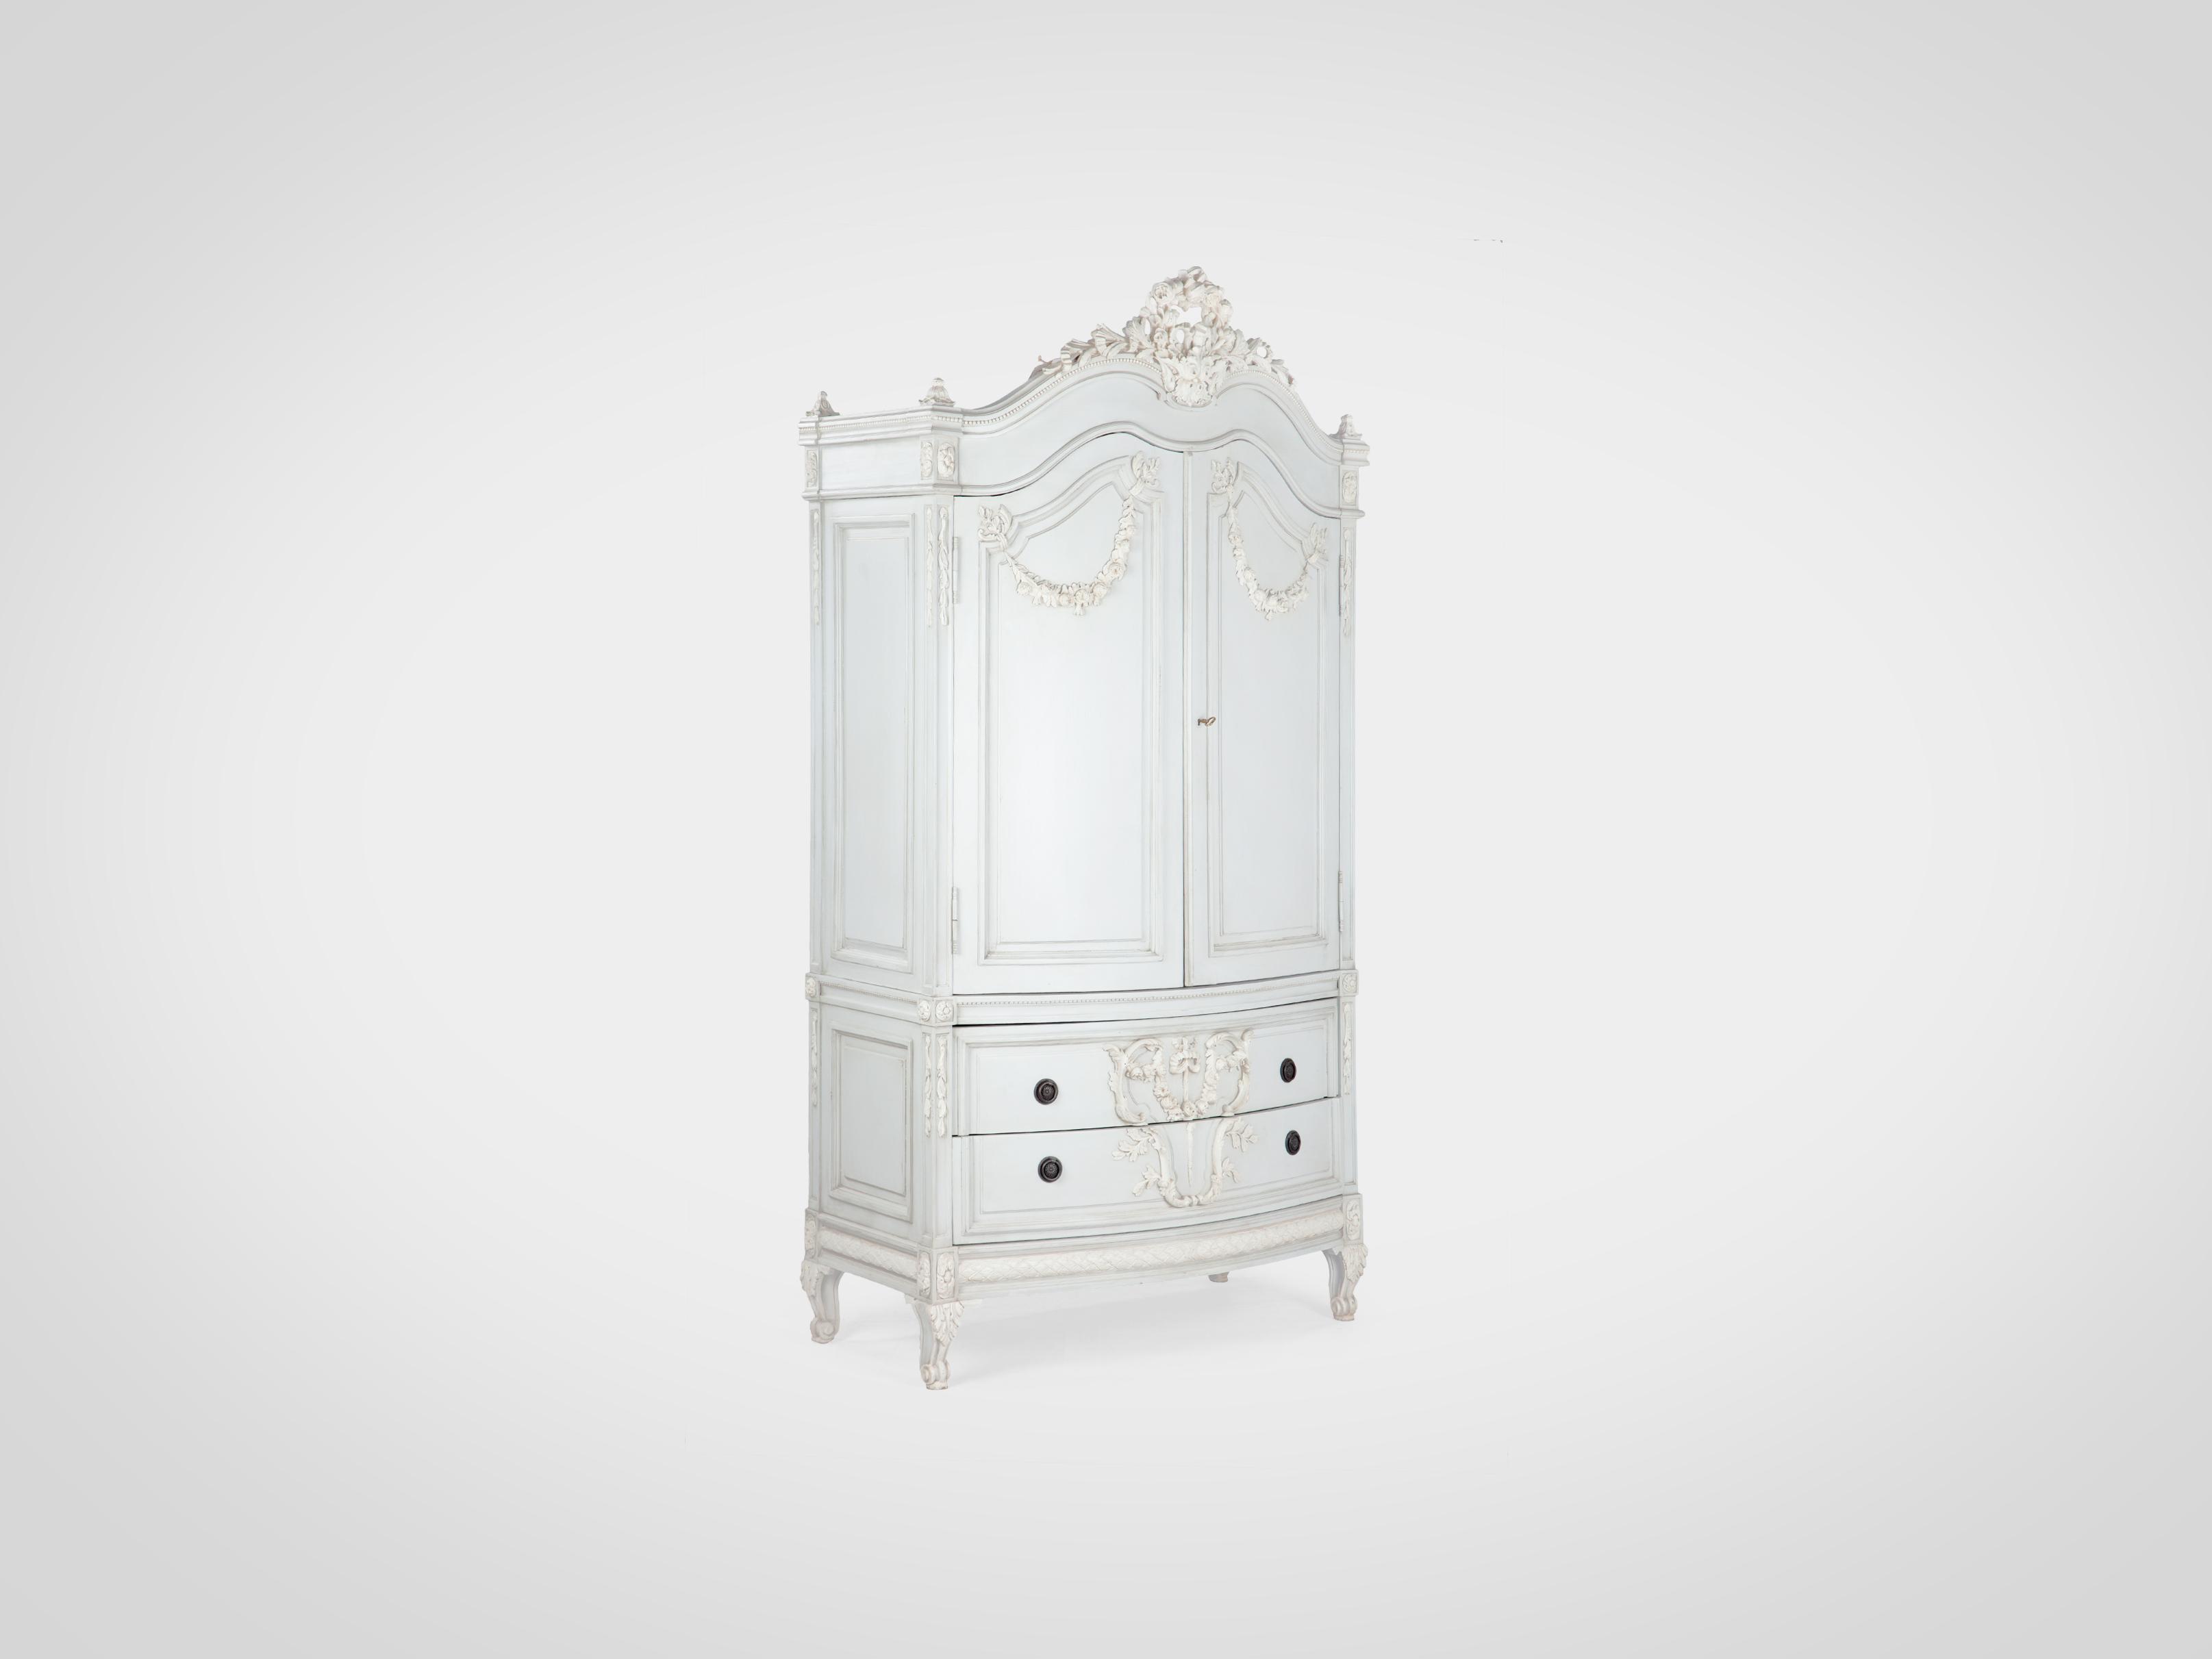 Купить Шкаф с резьбой ручной работы и патиной, inmyroom, Индонезия